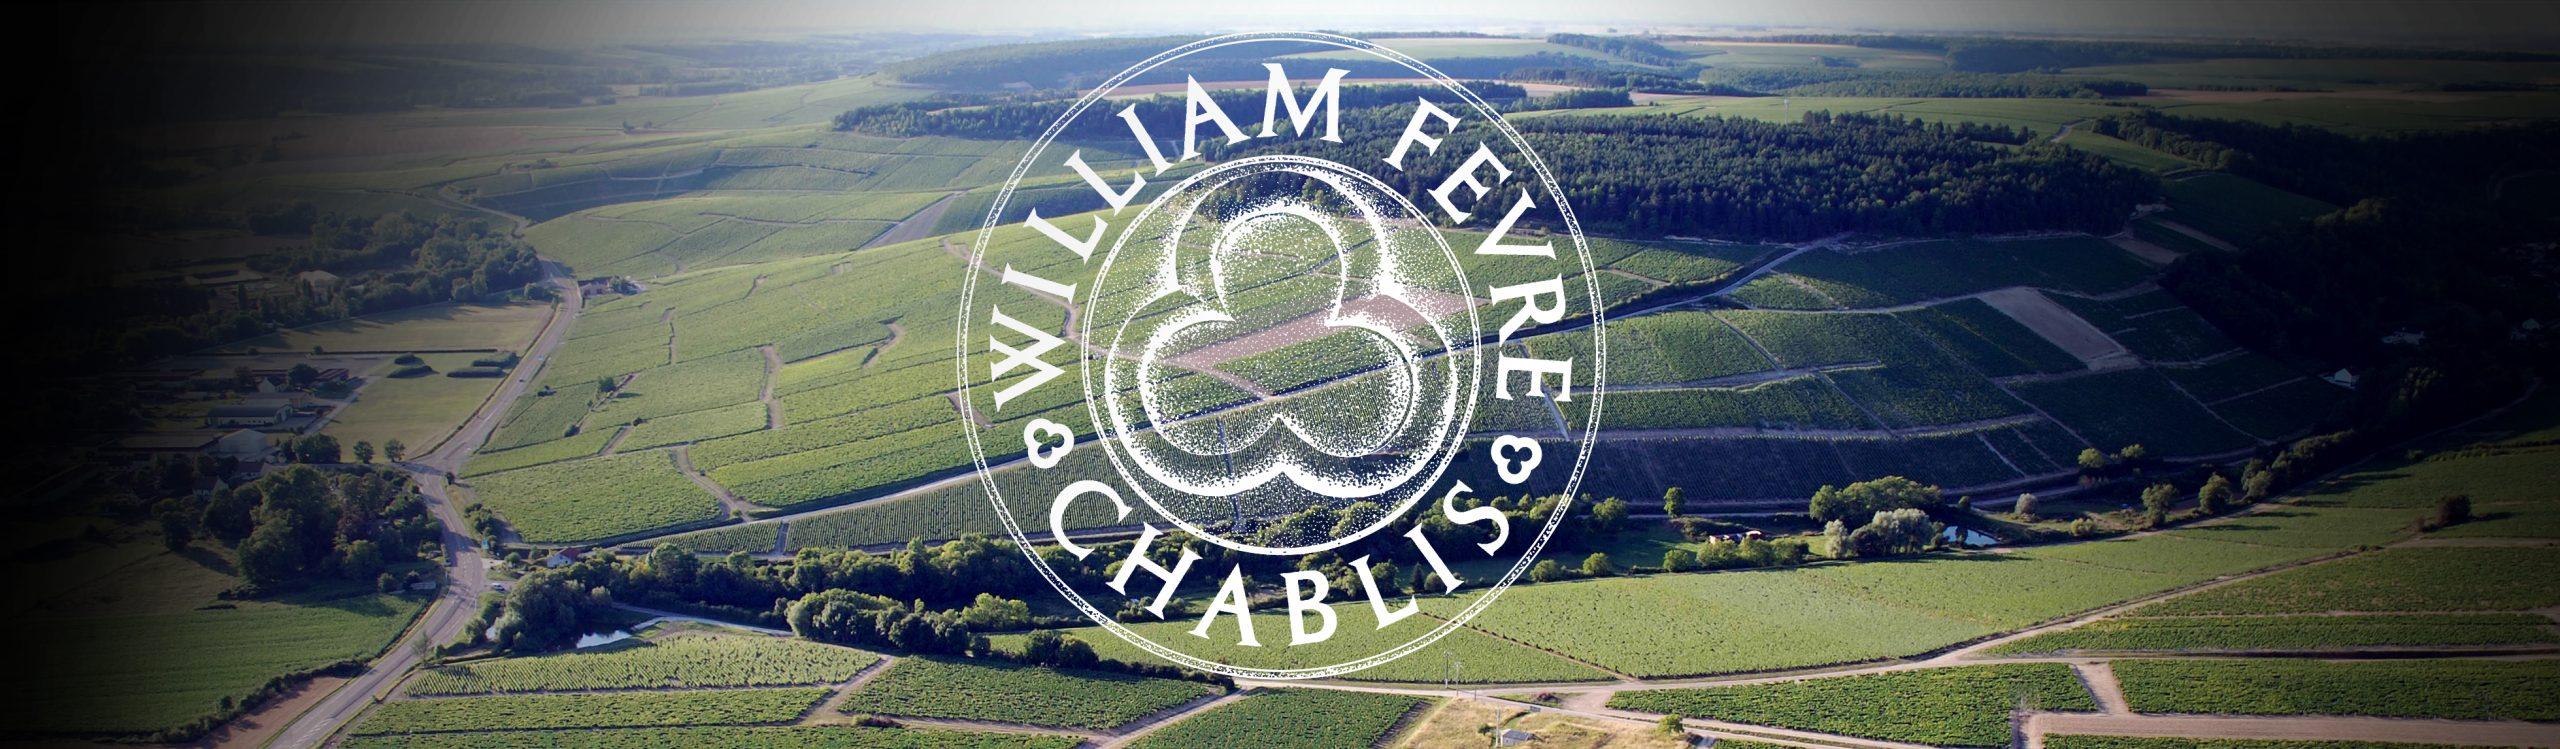 William Fèvre Chablis 2019: fris, geconcentreerd en indrukwekkend!